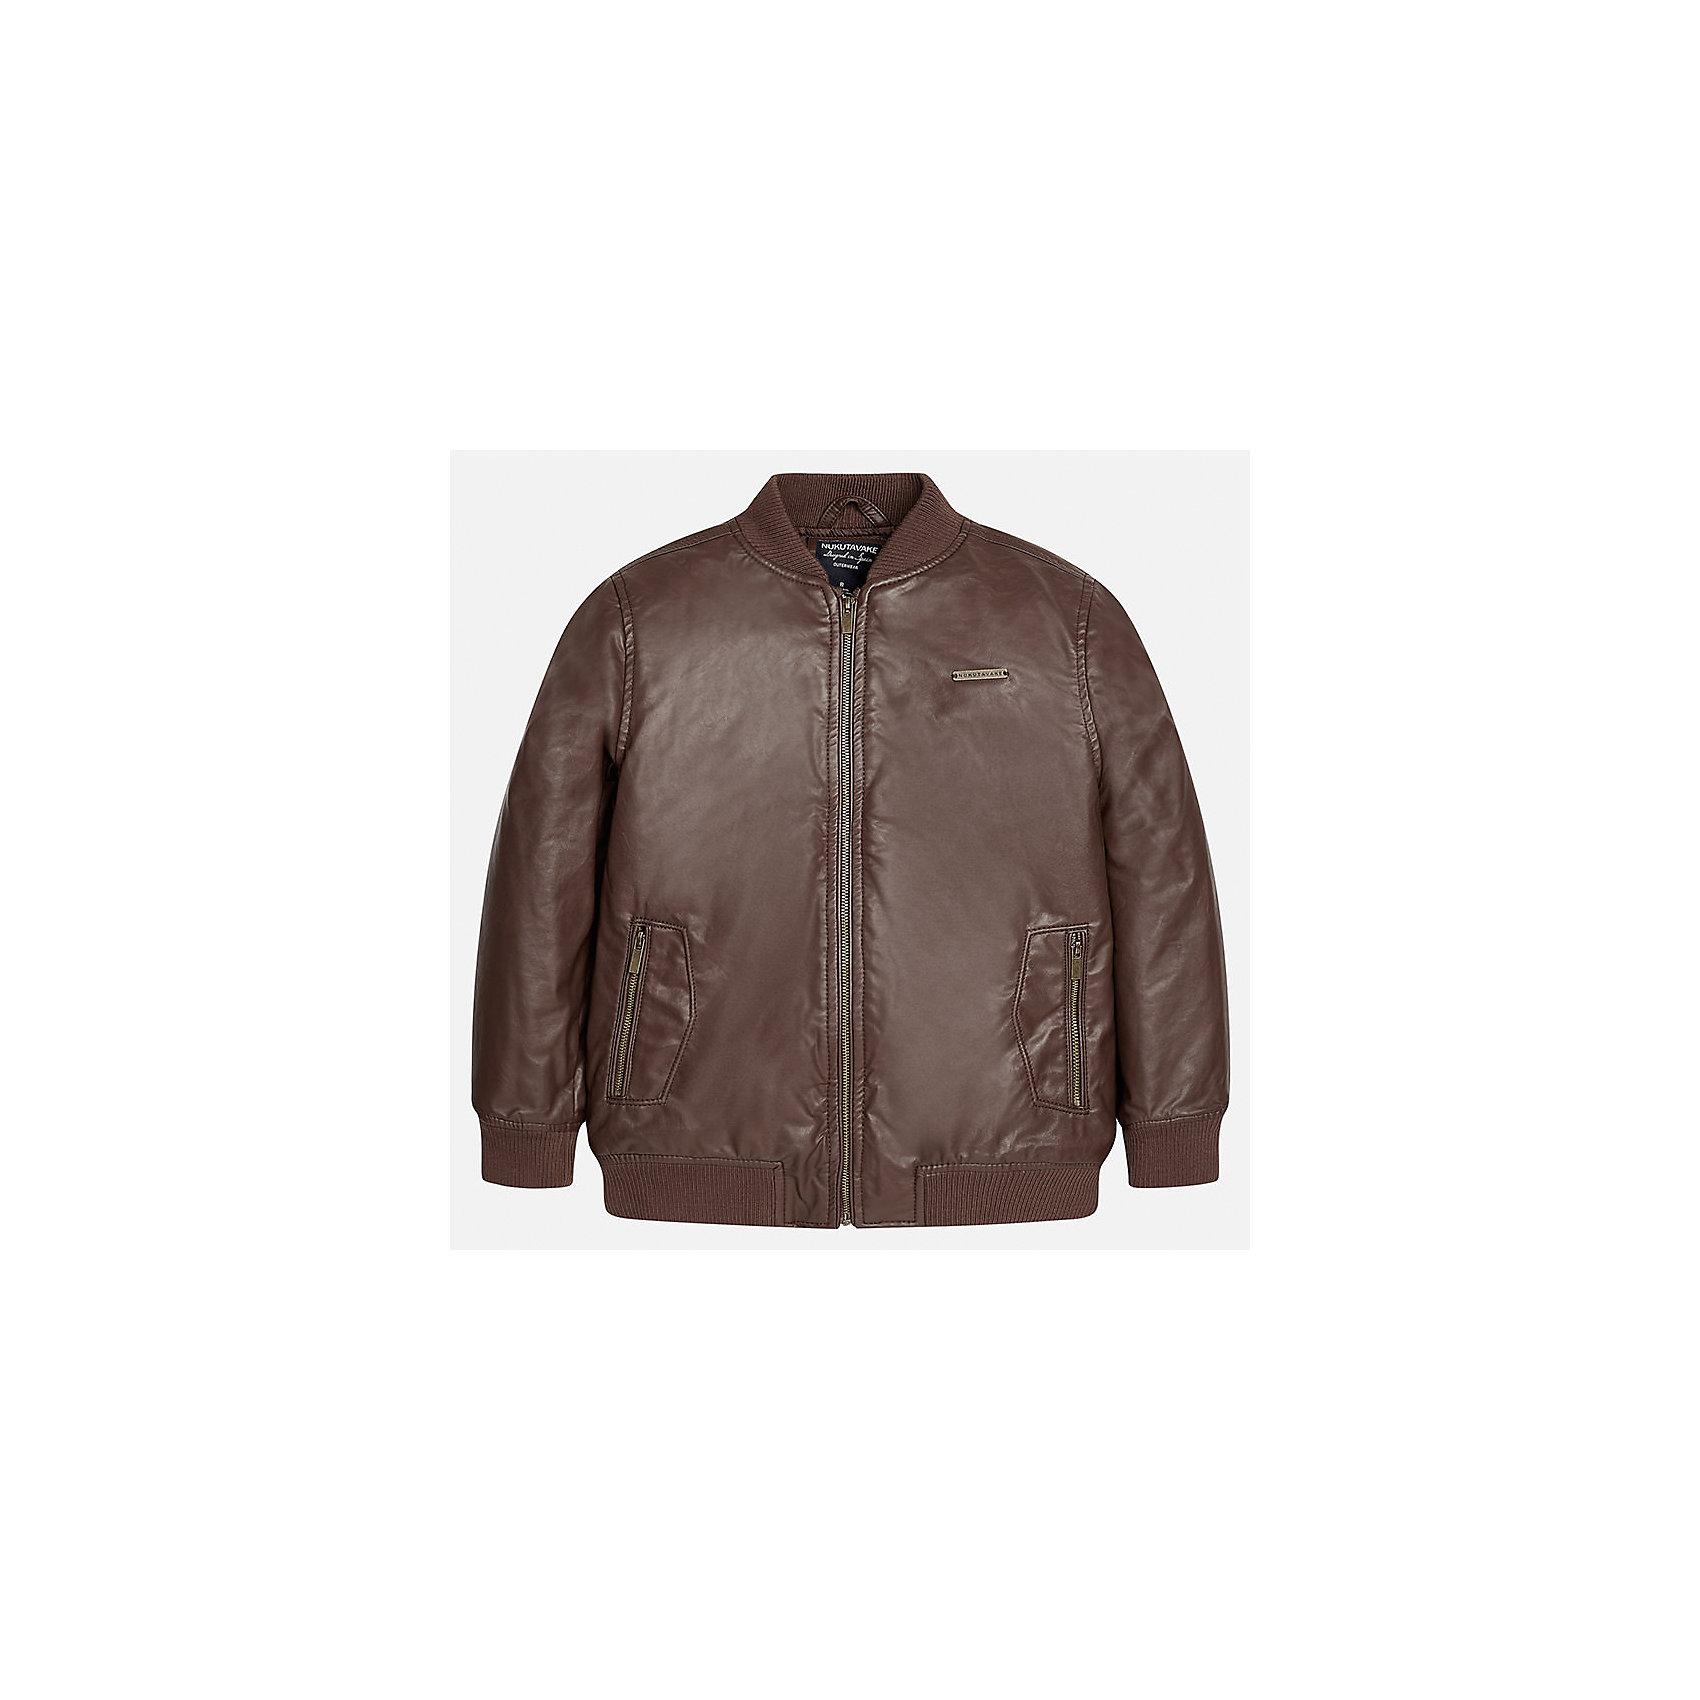 Куртка для мальчика MayoralВерхняя одежда<br>Характеристики товара:<br><br>• цвет: коричневый;<br>• сезон: демисезон;<br>• температурный режим: от 0 до +10С;<br>• состав ткани: 100% полиэстер;<br>• состав подкладки: 100% полиэстер;<br>• воротник-стойка;<br>• на молнии;<br>• страна бренда: Испания;<br>• страна изготовитель: Китай.<br><br>Куртка для мальчика от популярного бренда Mayoral несомненно понравится вам и вашему ребенку. Качественные ткани, безупречное исполнение, все модели в центре модных тенденций.  <br><br>Легкая и стильная куртка на молнии с карманами дополнена эластичными широкими манжетами на рукавах, вороте и снизу. Застегивается на безопасную молнию. Грамотный крой изделия обеспечивает отличную посадку по фигуре. Современная и элегантная модель выгодно сочитается с любыми предметами детского гардероба.<br><br>Куртку  для мальчика Mayoral (Майорал) можно купить в нашем интернет-магазине.<br><br>Ширина мм: 356<br>Глубина мм: 10<br>Высота мм: 245<br>Вес г: 519<br>Цвет: коричневый<br>Возраст от месяцев: 168<br>Возраст до месяцев: 180<br>Пол: Мужской<br>Возраст: Детский<br>Размер: 170,128/134,140,152,158,164<br>SKU: 6938880